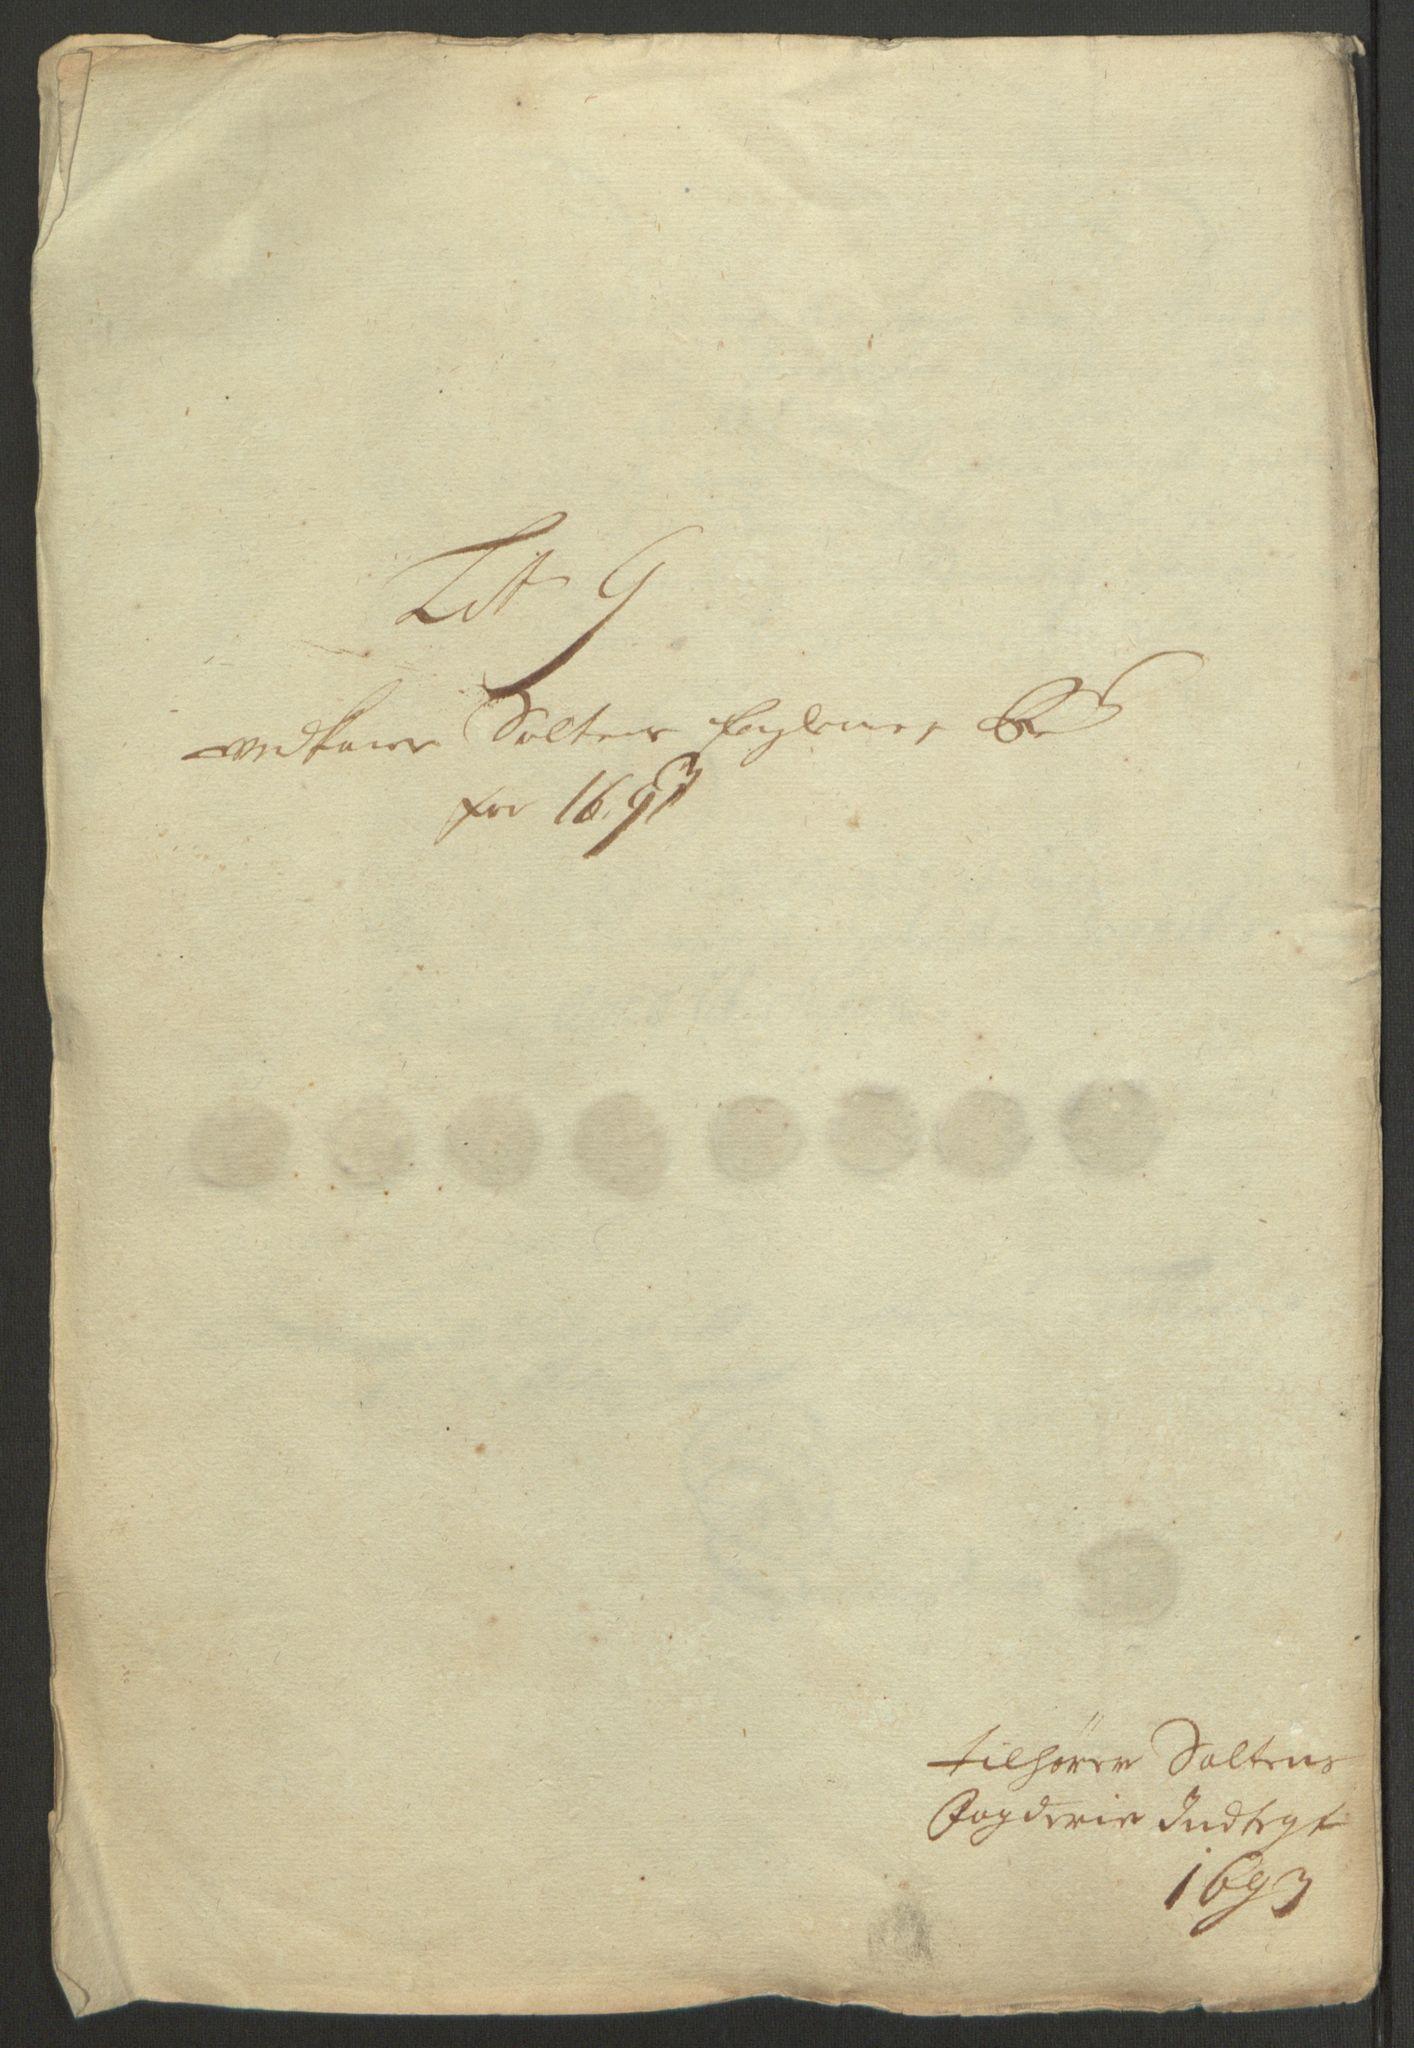 RA, Rentekammeret inntil 1814, Reviderte regnskaper, Fogderegnskap, R66/L4577: Fogderegnskap Salten, 1691-1693, s. 334